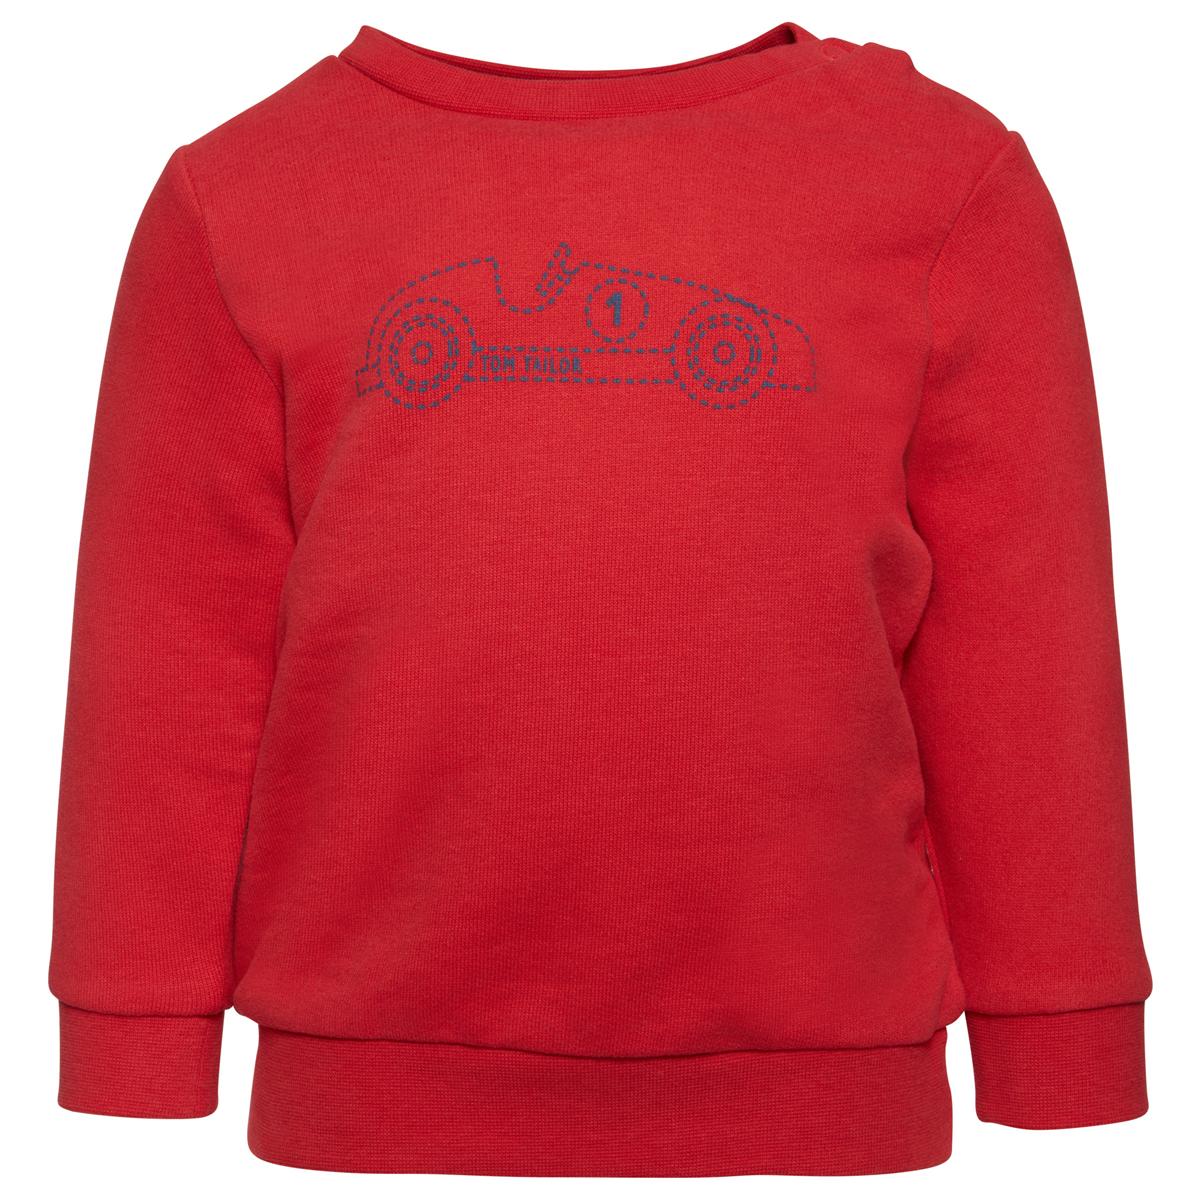 Толстовка детская Tom Tailor, цвет: красный. 2530111.00.22_5516. Размер 922530111.00.22_5516Лонгслив выполнен из высококачественного материала. Модель с круглым вырезом горловины, длинными рукавами оформлена принтовым рисунком. На плече дополнена кнопками.